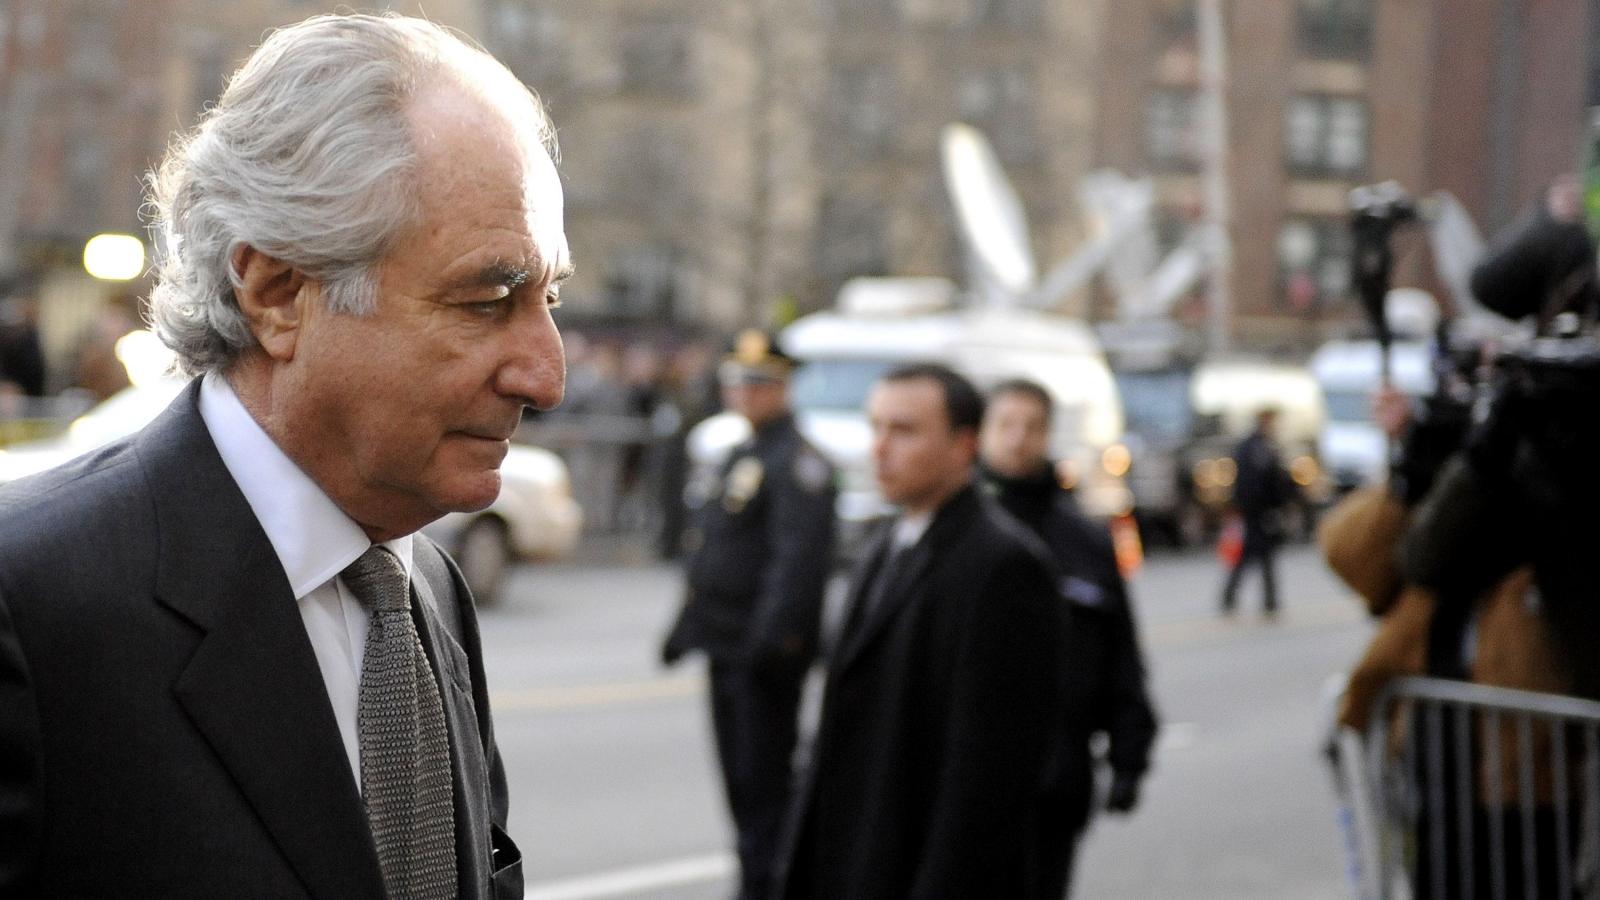 Siêu lừa Bernard Madoff: Từ nhà tài phiệt đầy quyền lực đến kẻ tội phạm bị căm ghét